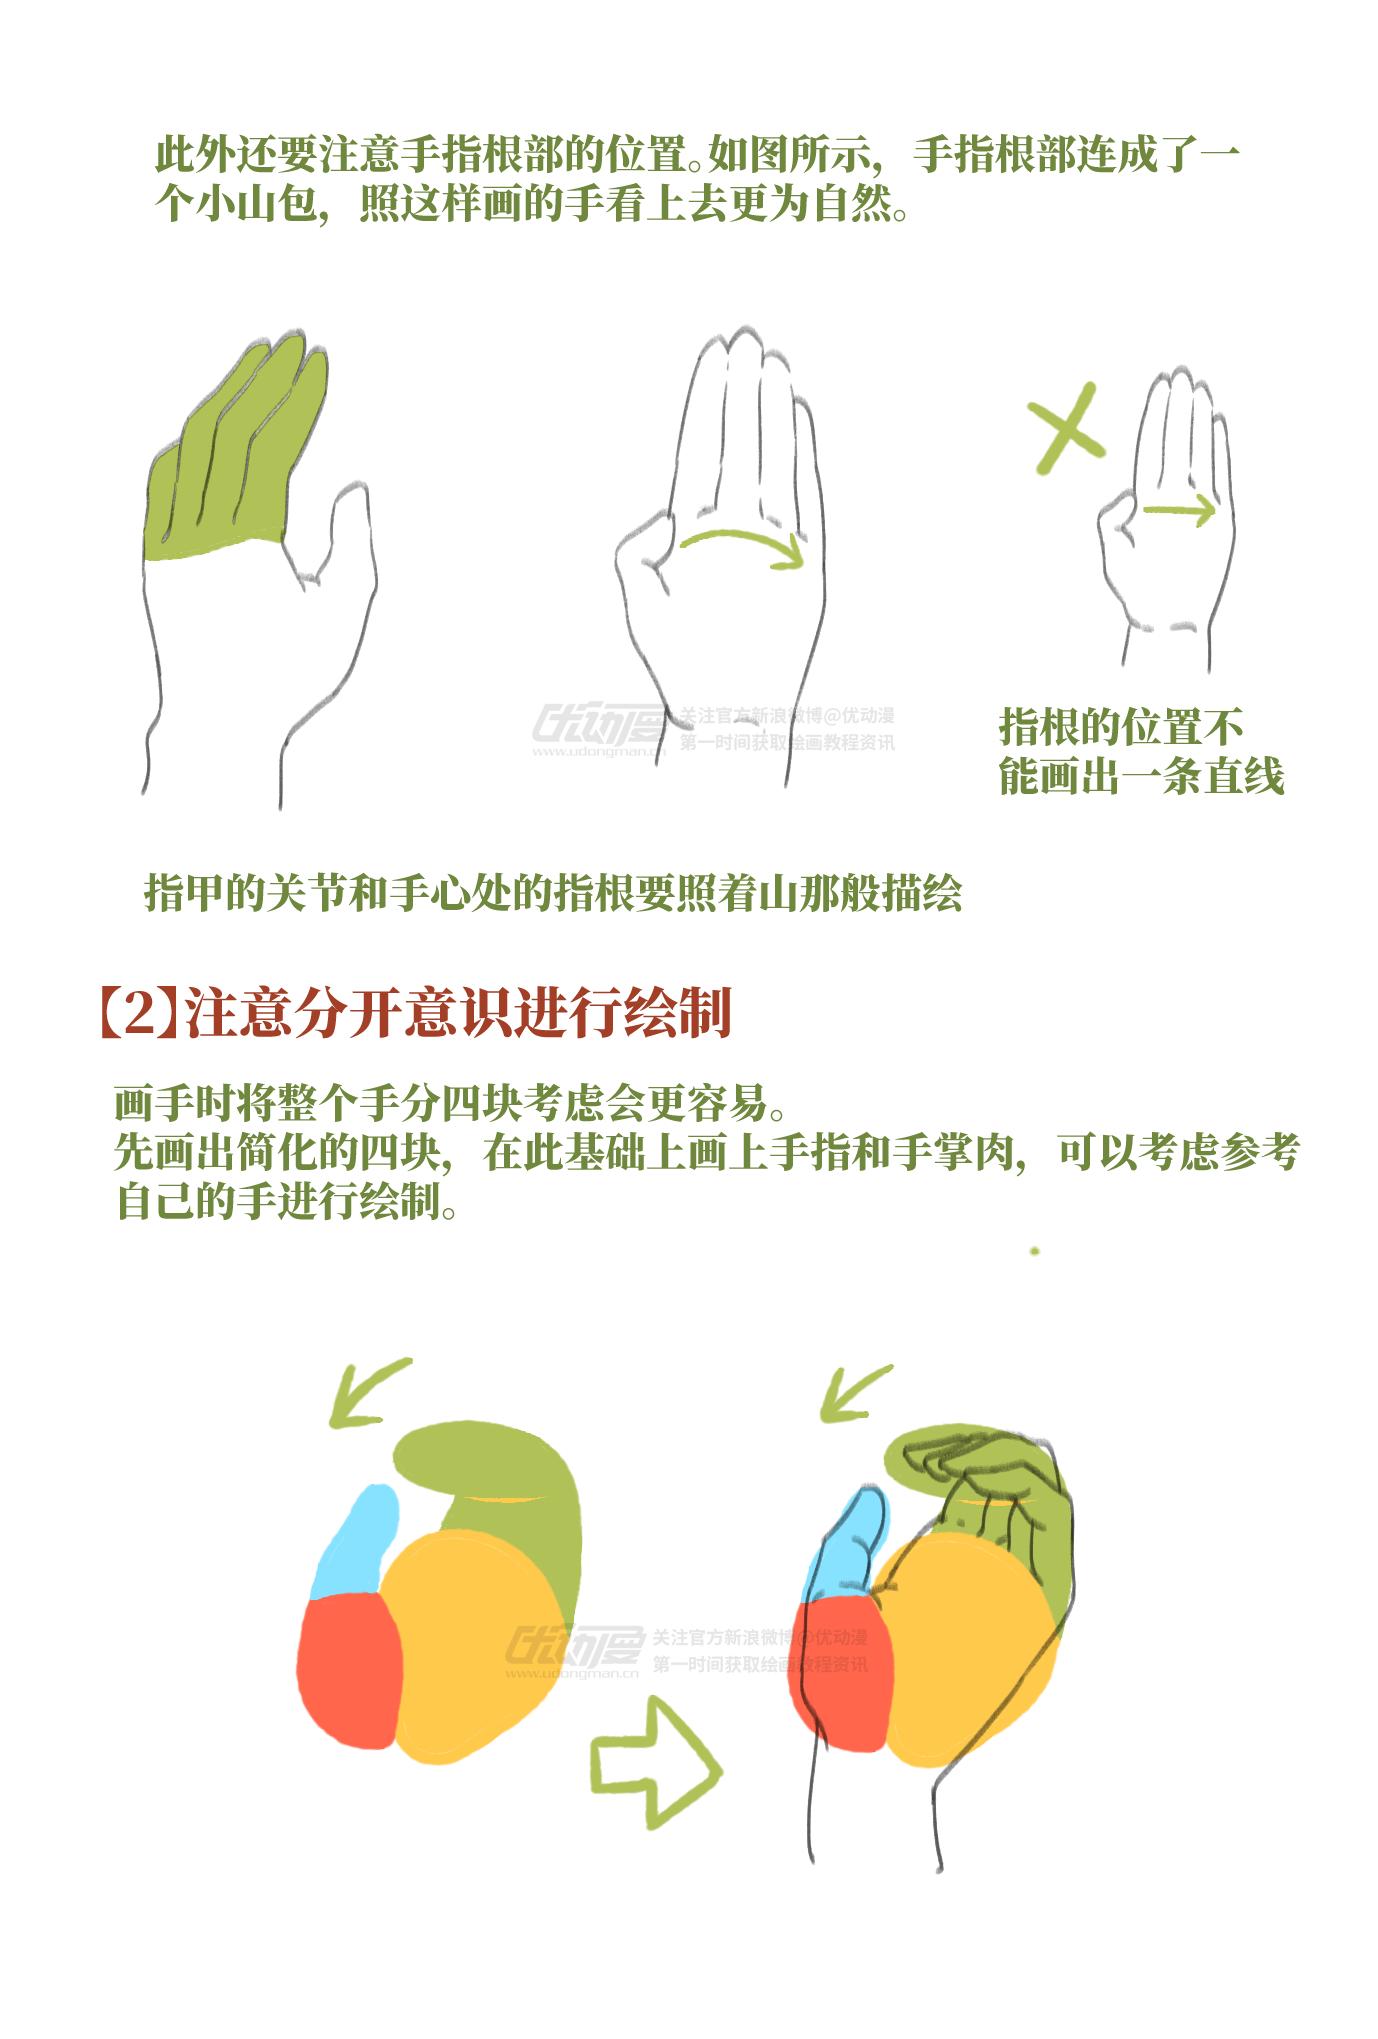 手部画法3.png